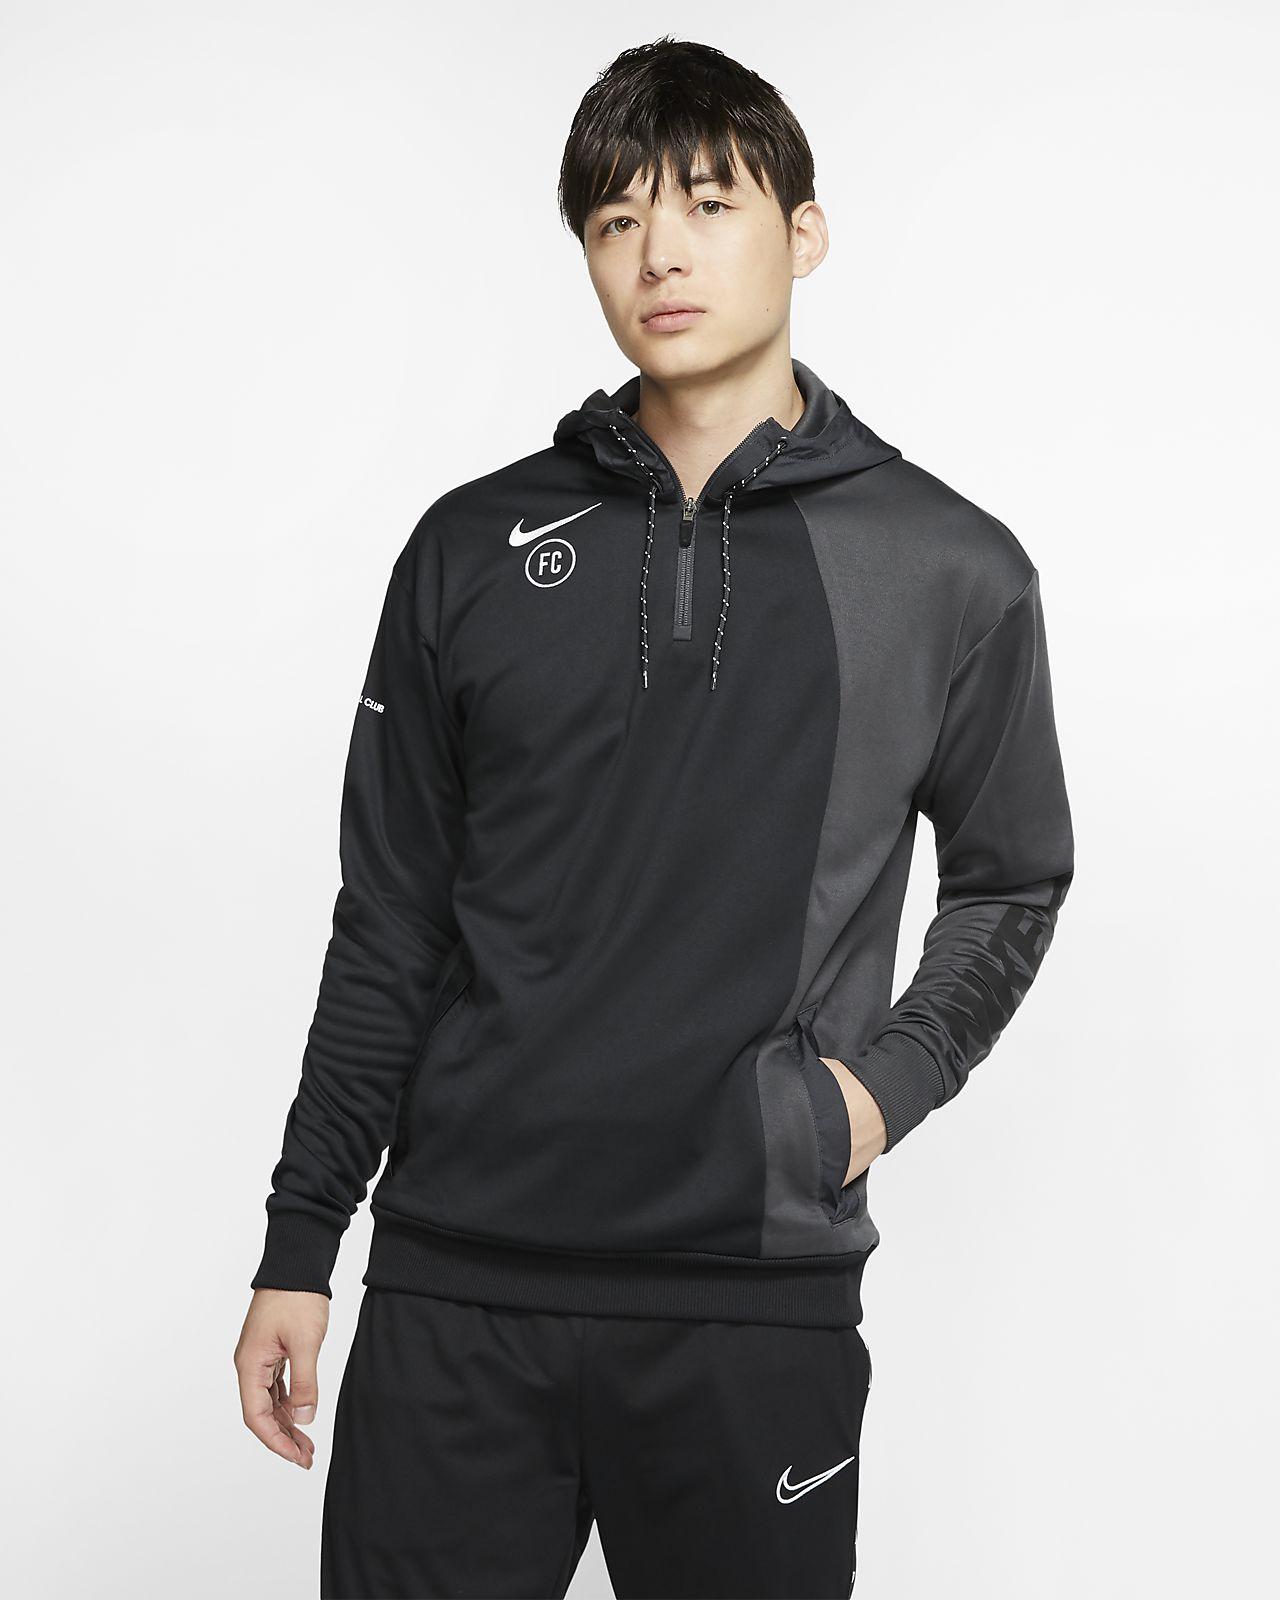 Nike F.C. Men's Soccer Hoodie